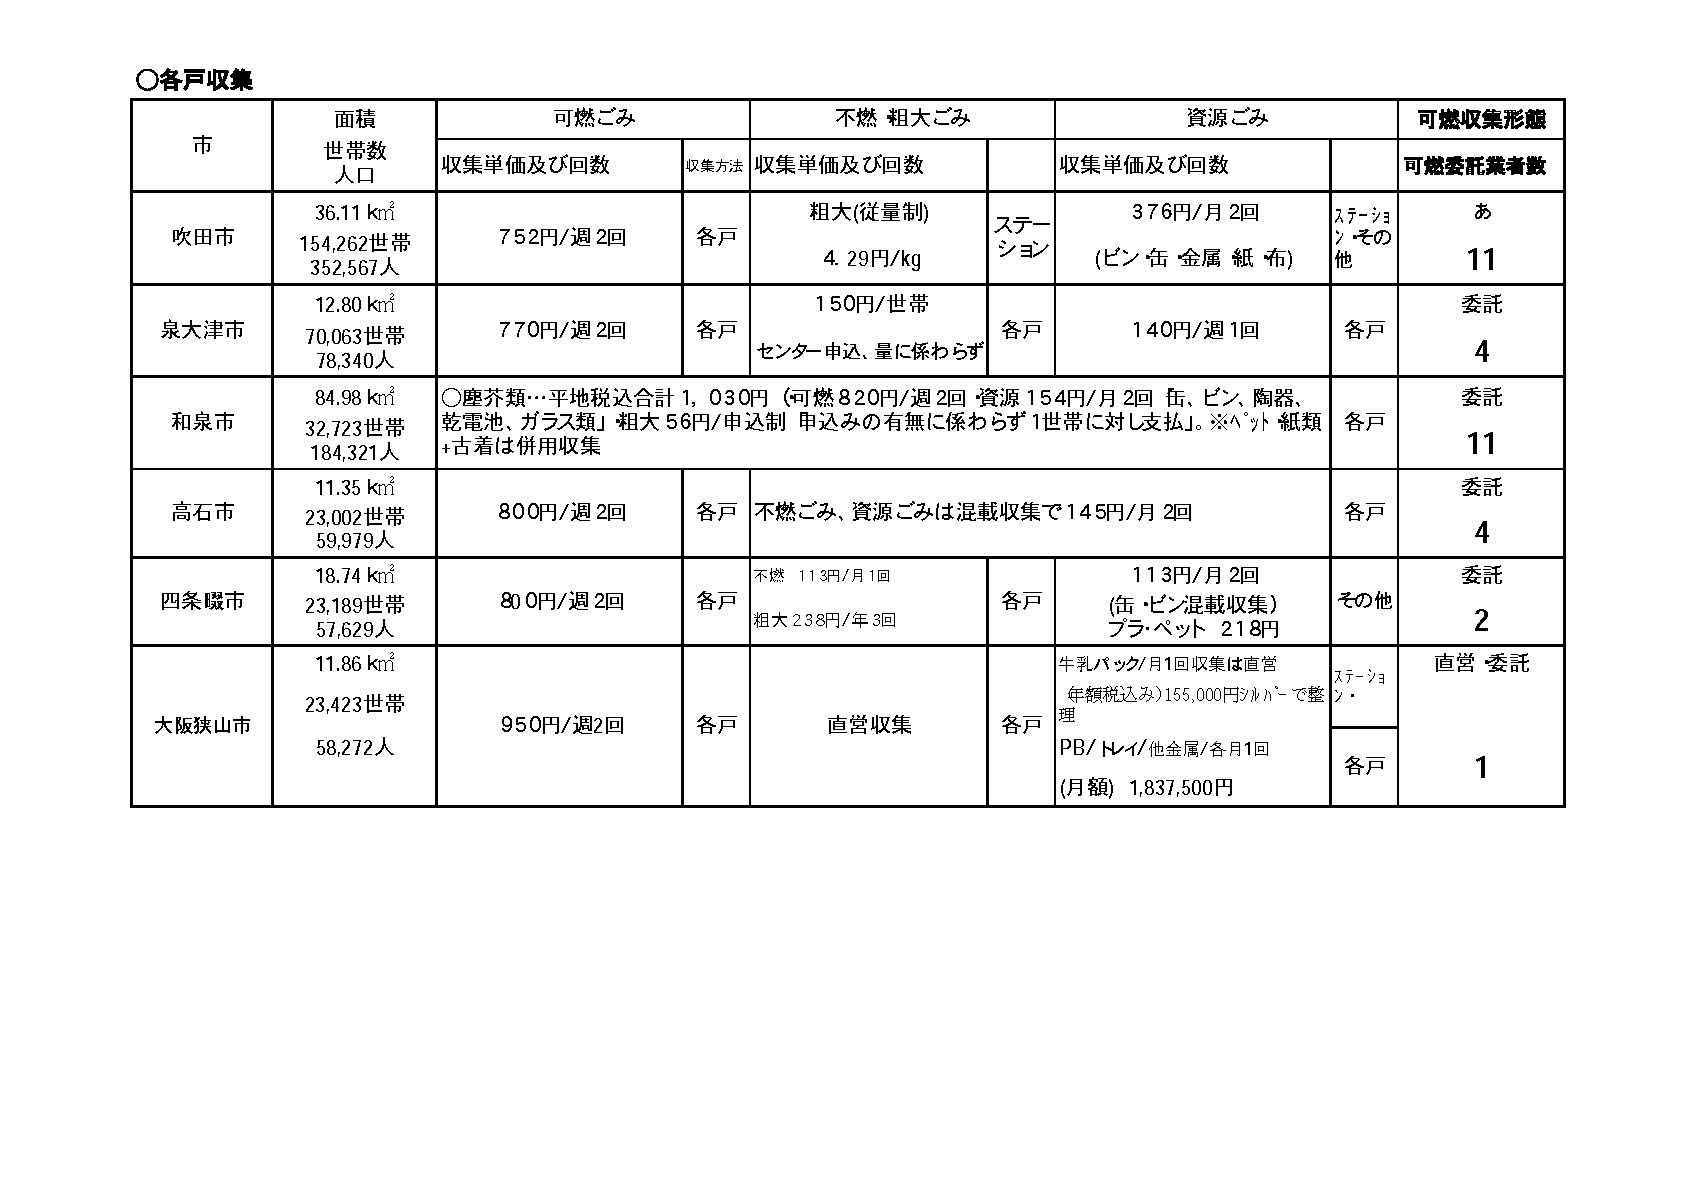 [勝訴]ごみ収集 公文書非公開決定取消請求 - 平成21年 [地裁] (行ウ) 第92号 - 公開資料2